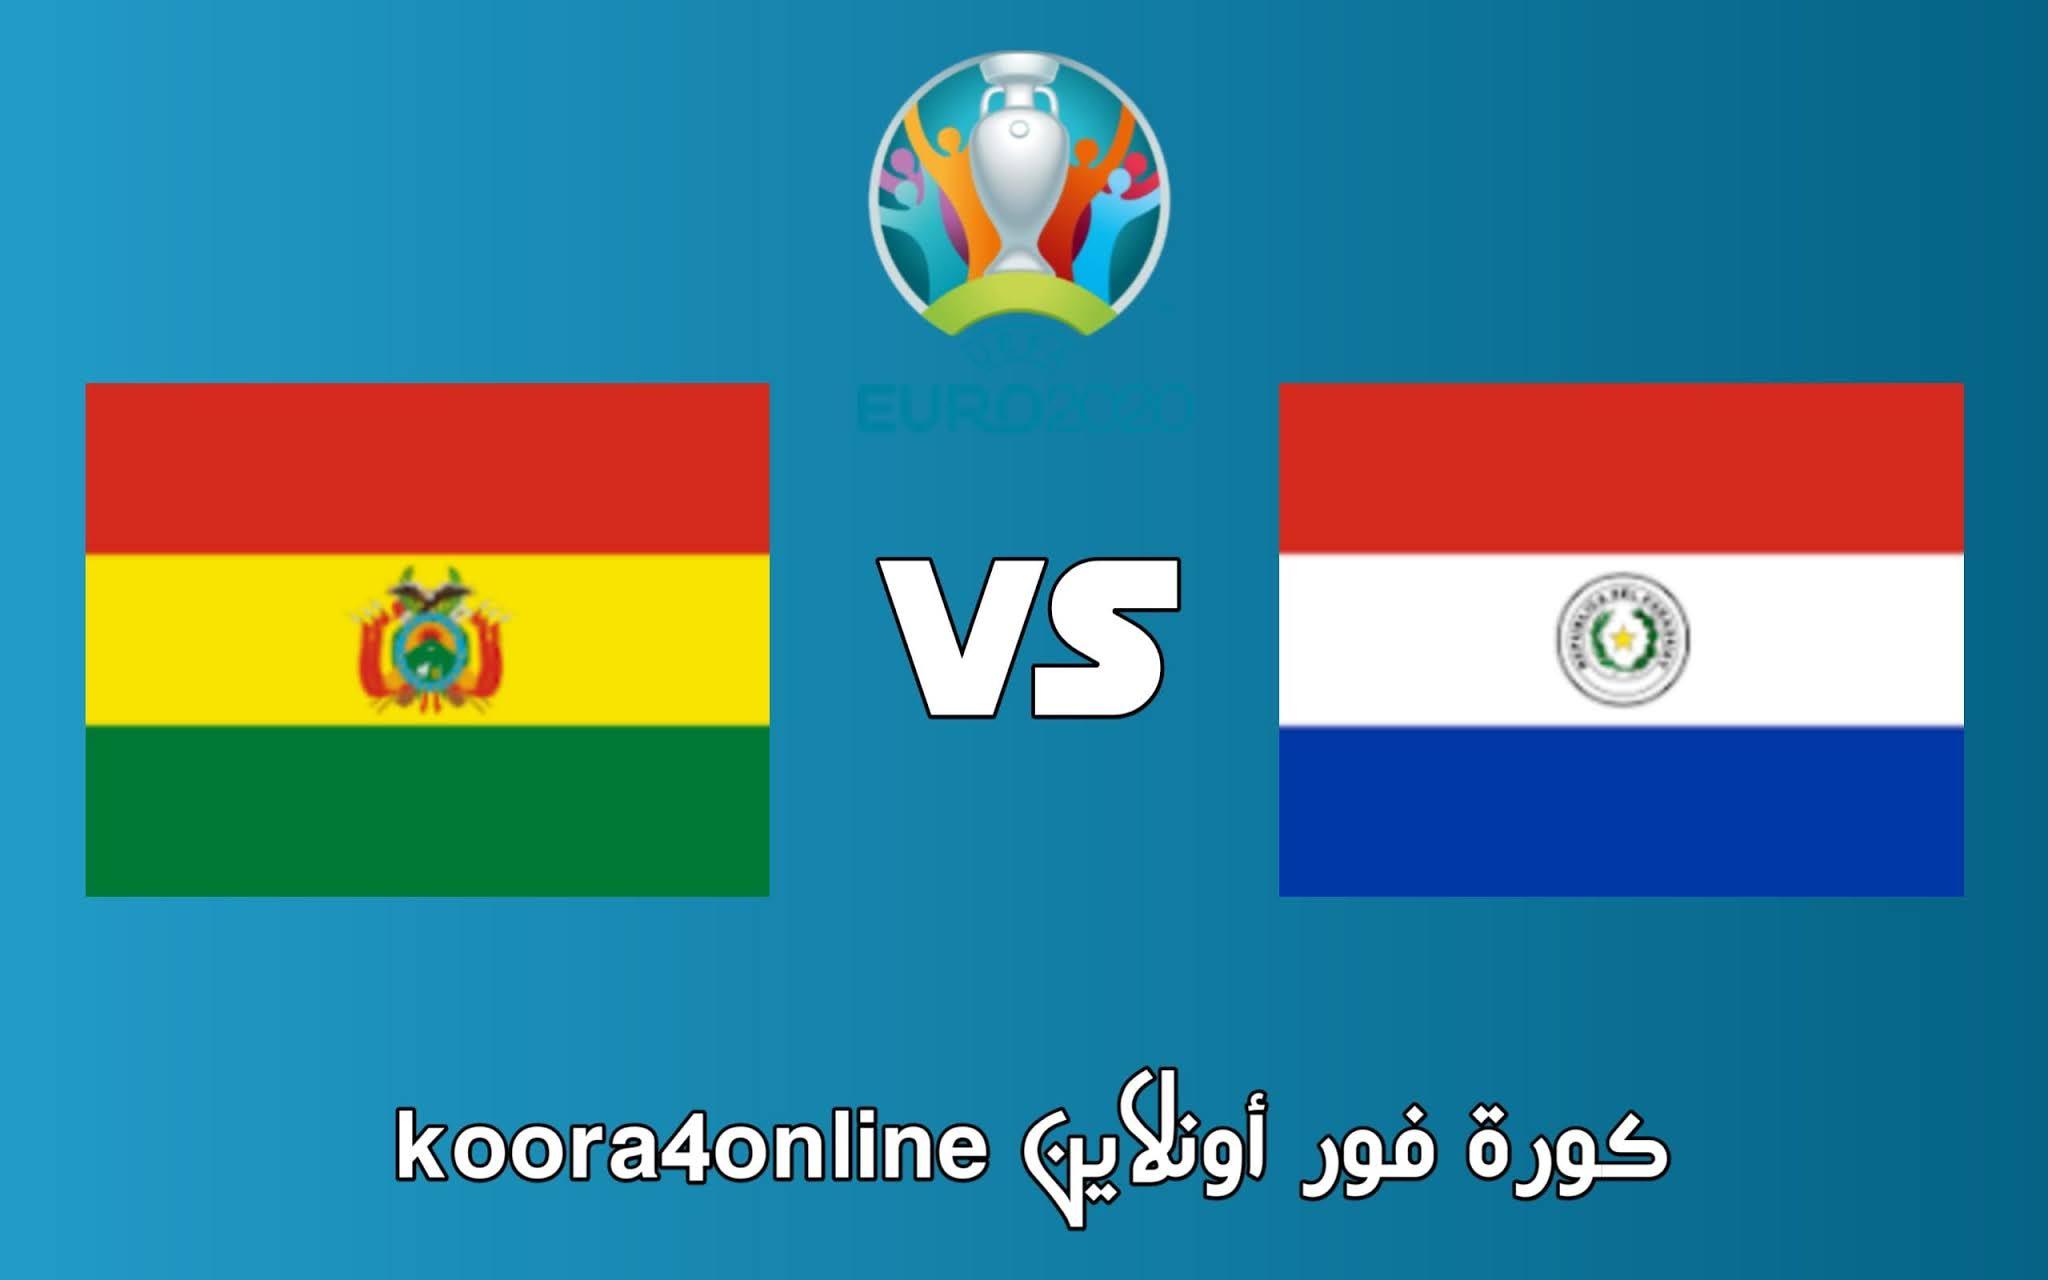 مشاهدة مباراة البارجواي و بوليفيا اليوم 15-06-2021 في في كوبا أمريكا